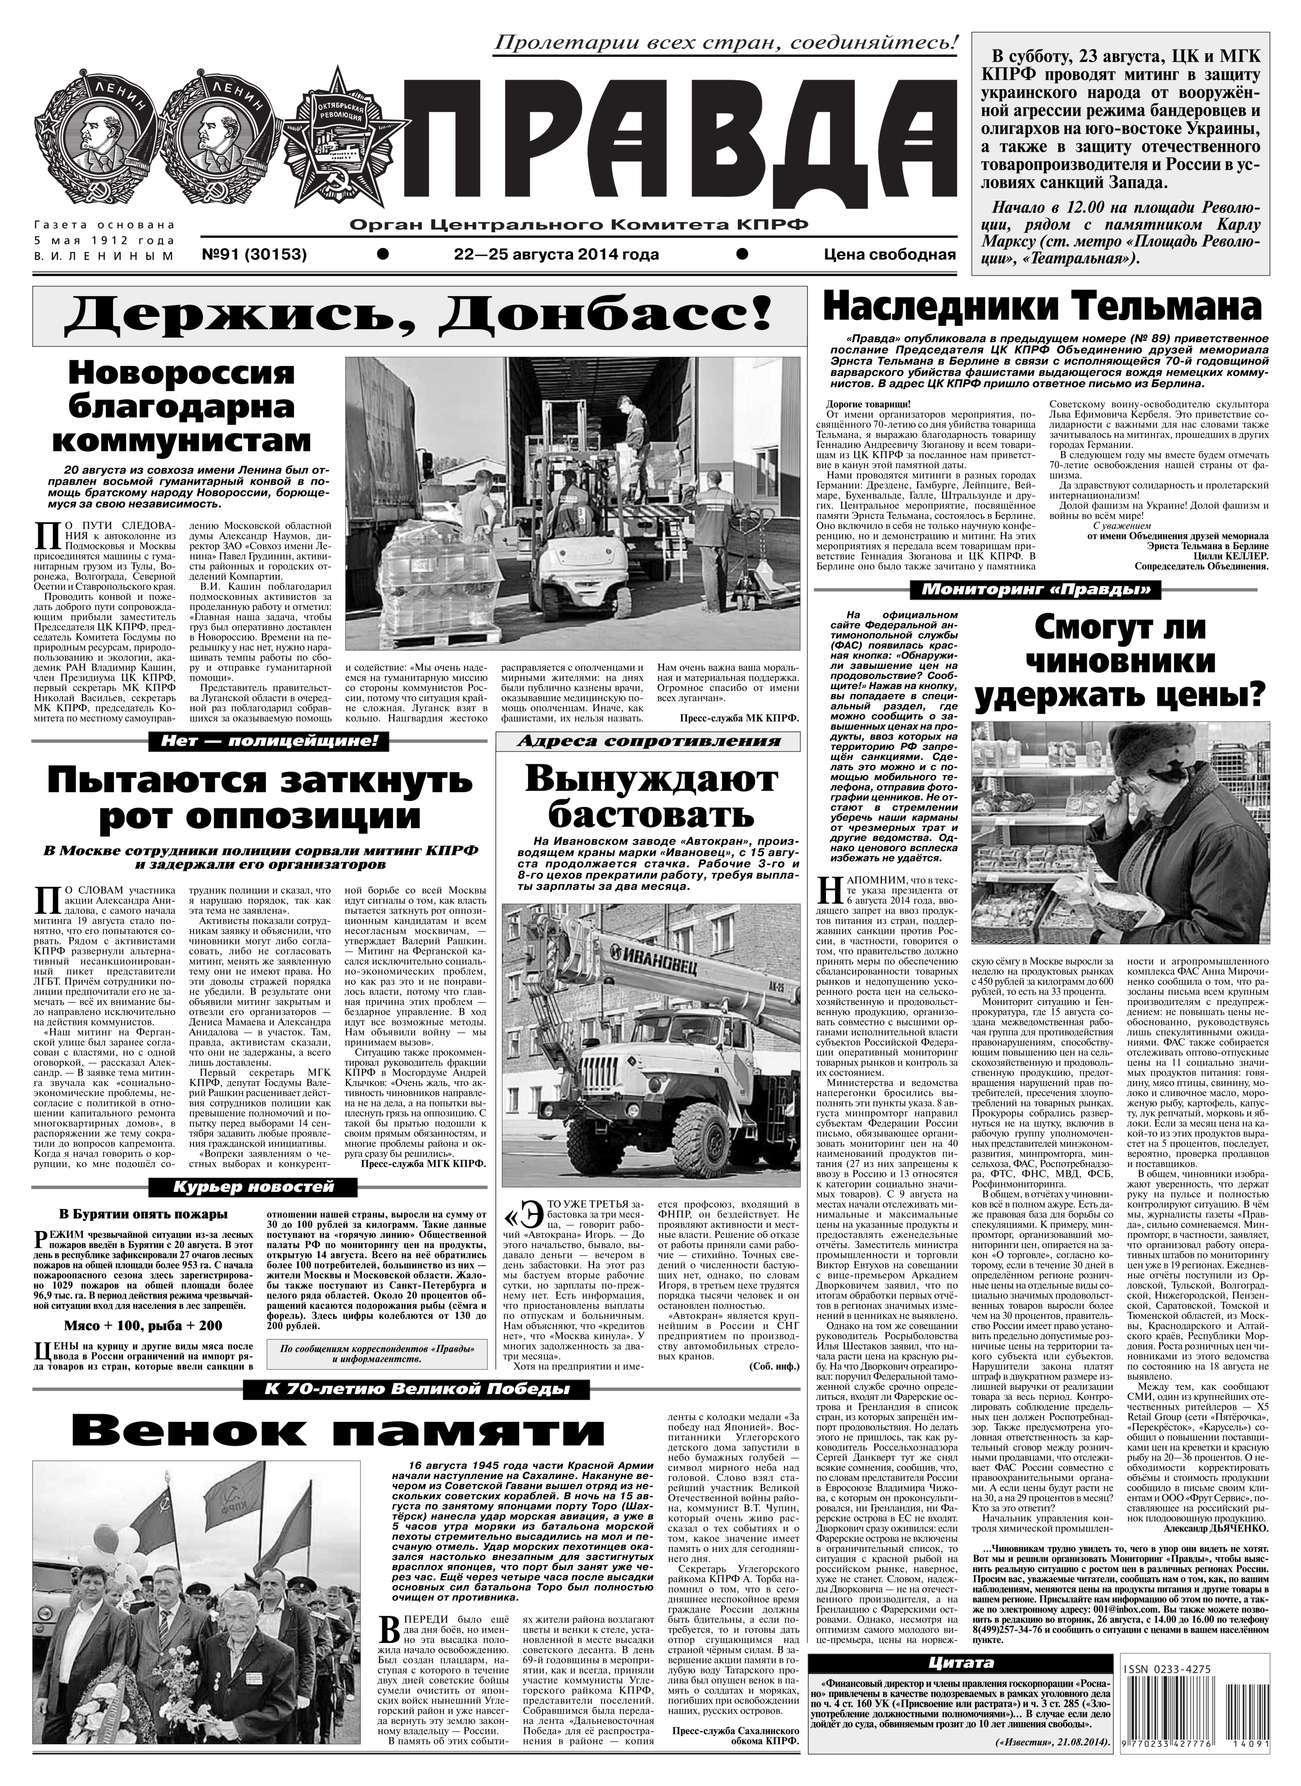 Редакция газеты Правда Правда 91